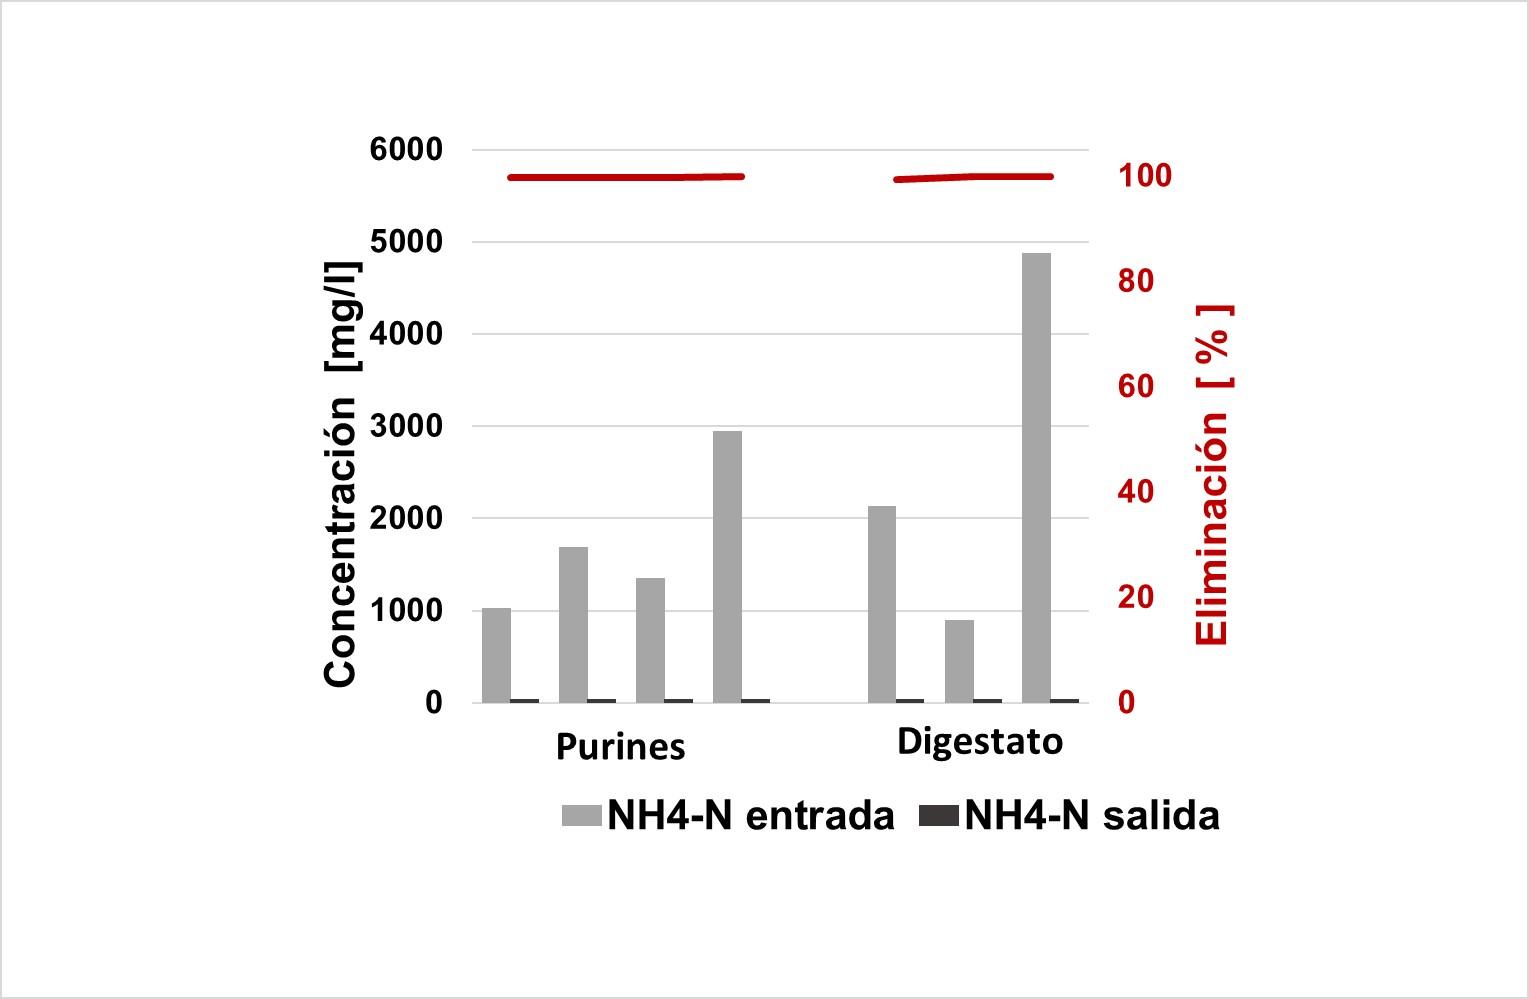 WEHRLE - tratamiento de purines y digestato - Eliminación biológica de nitrógeno (NH4-N)